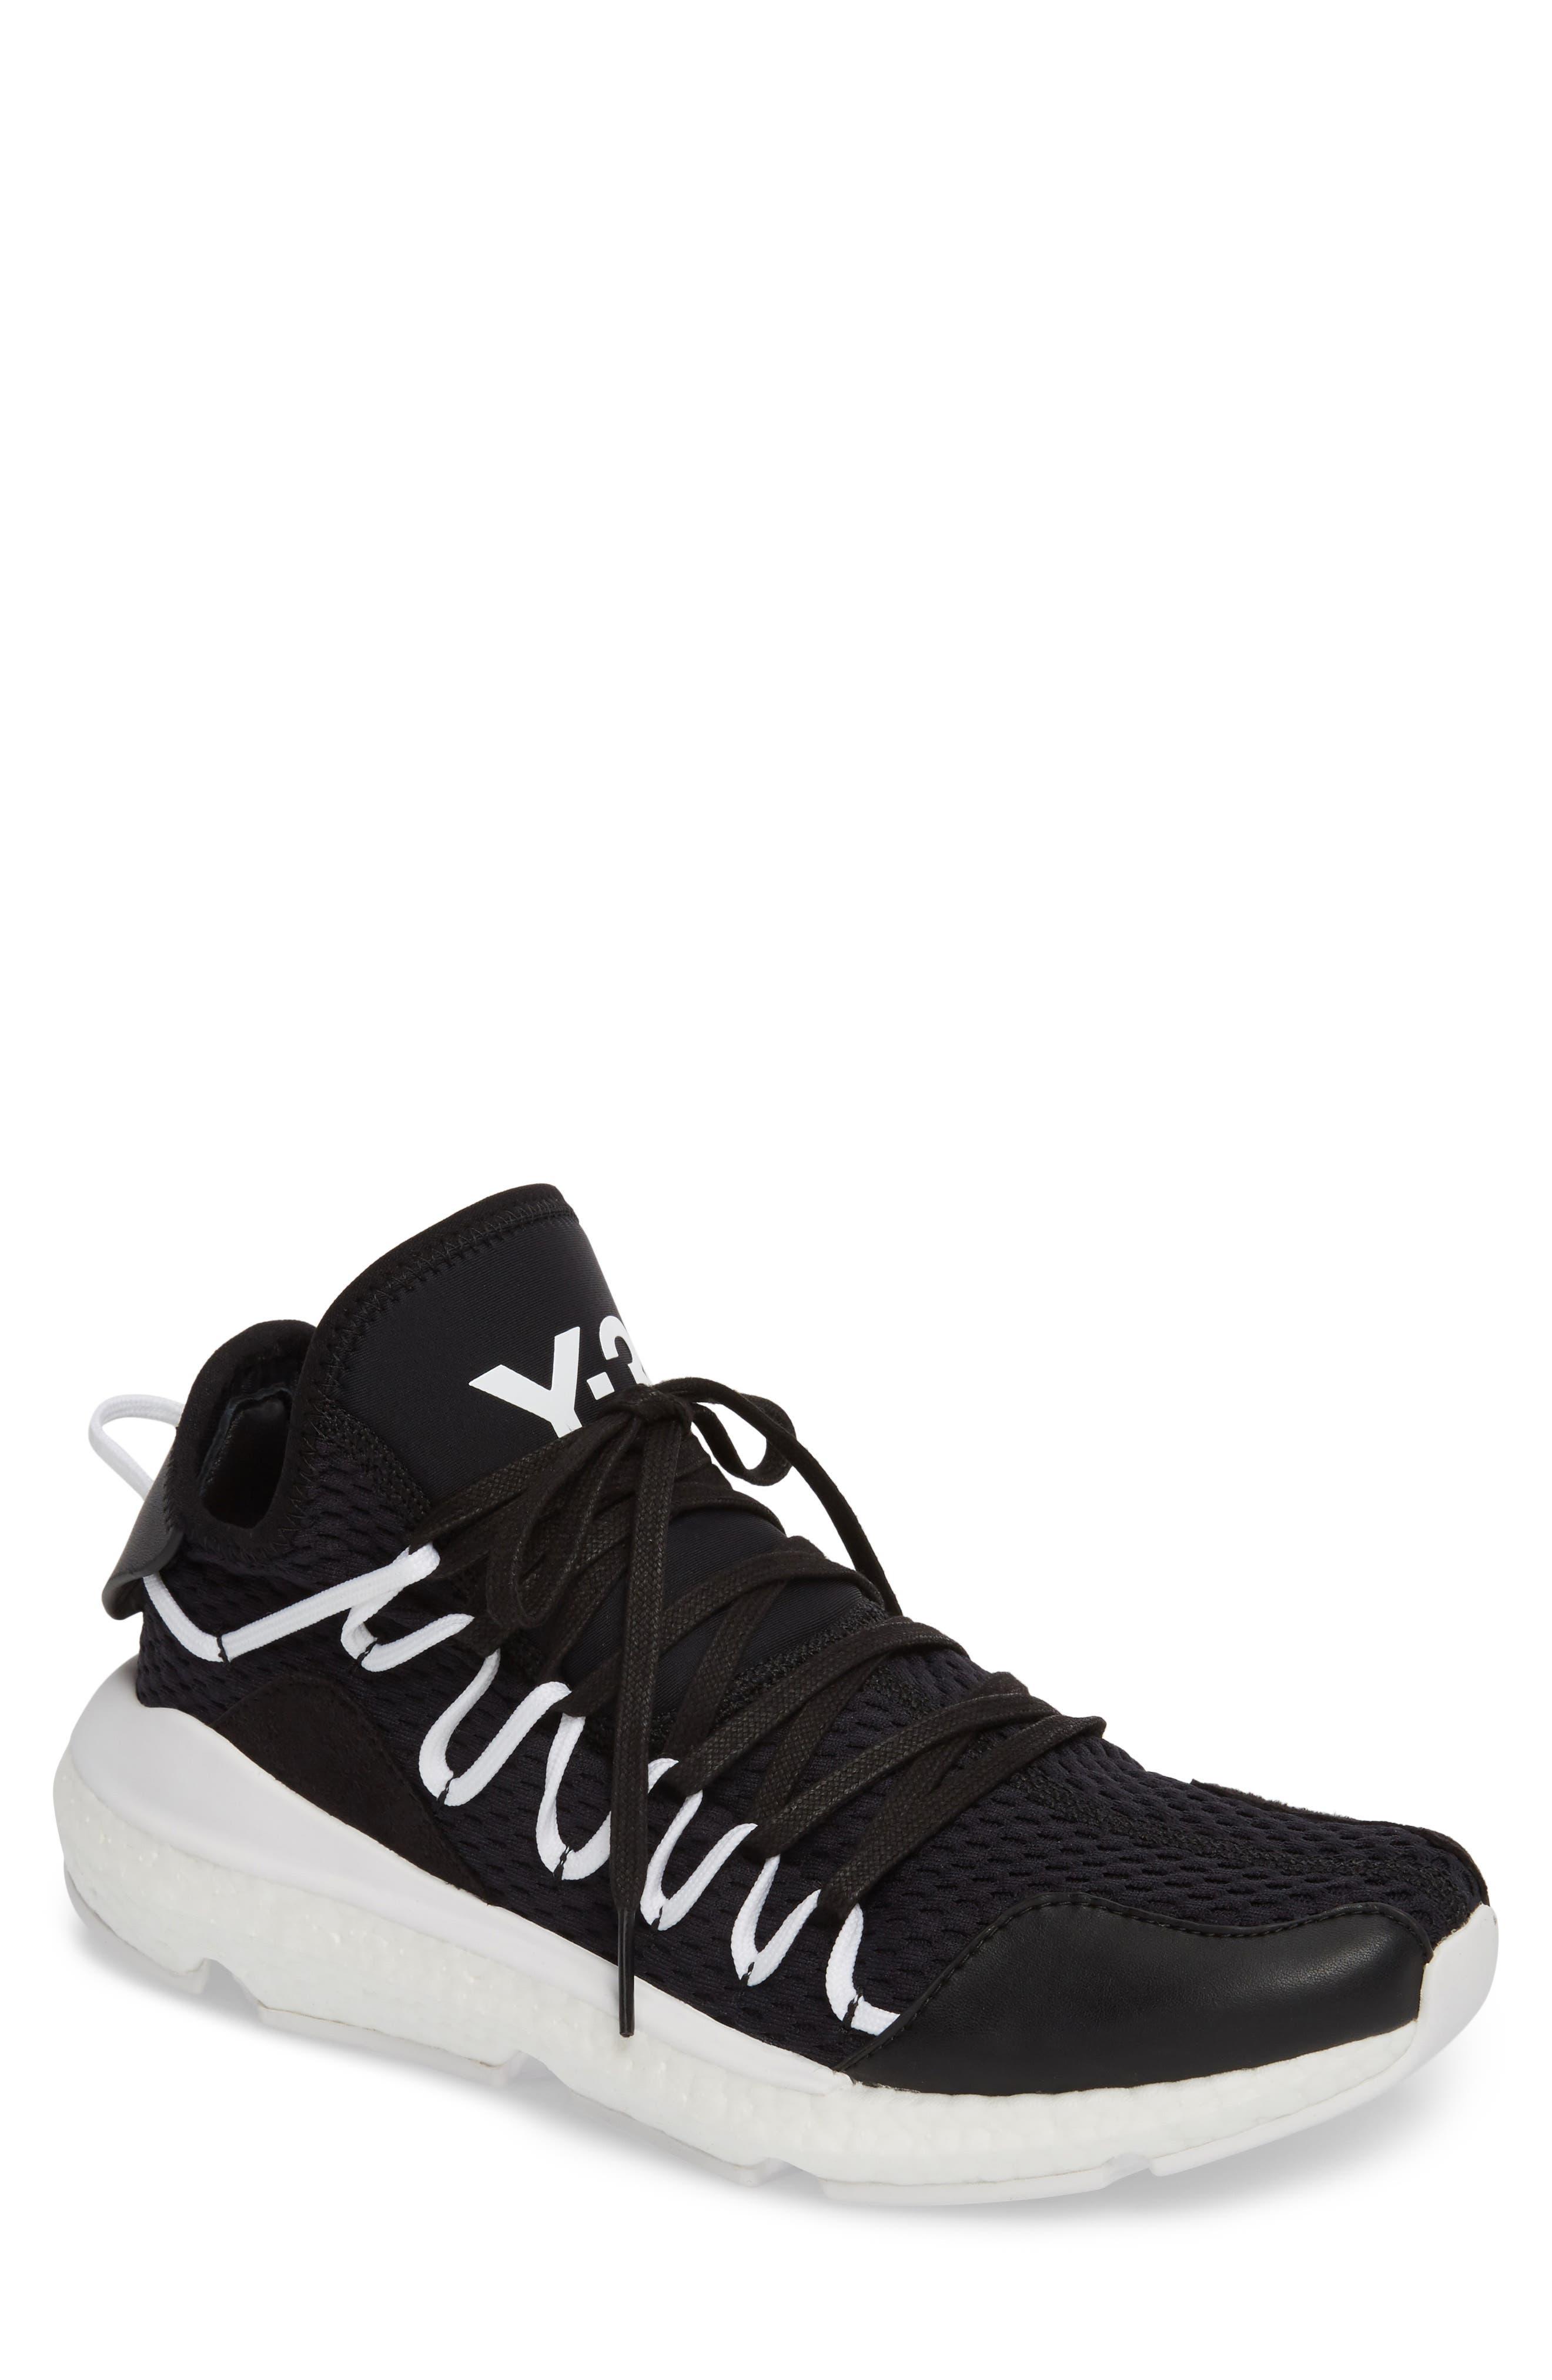 Y-3 x adidas Kusari Sneaker (Men)